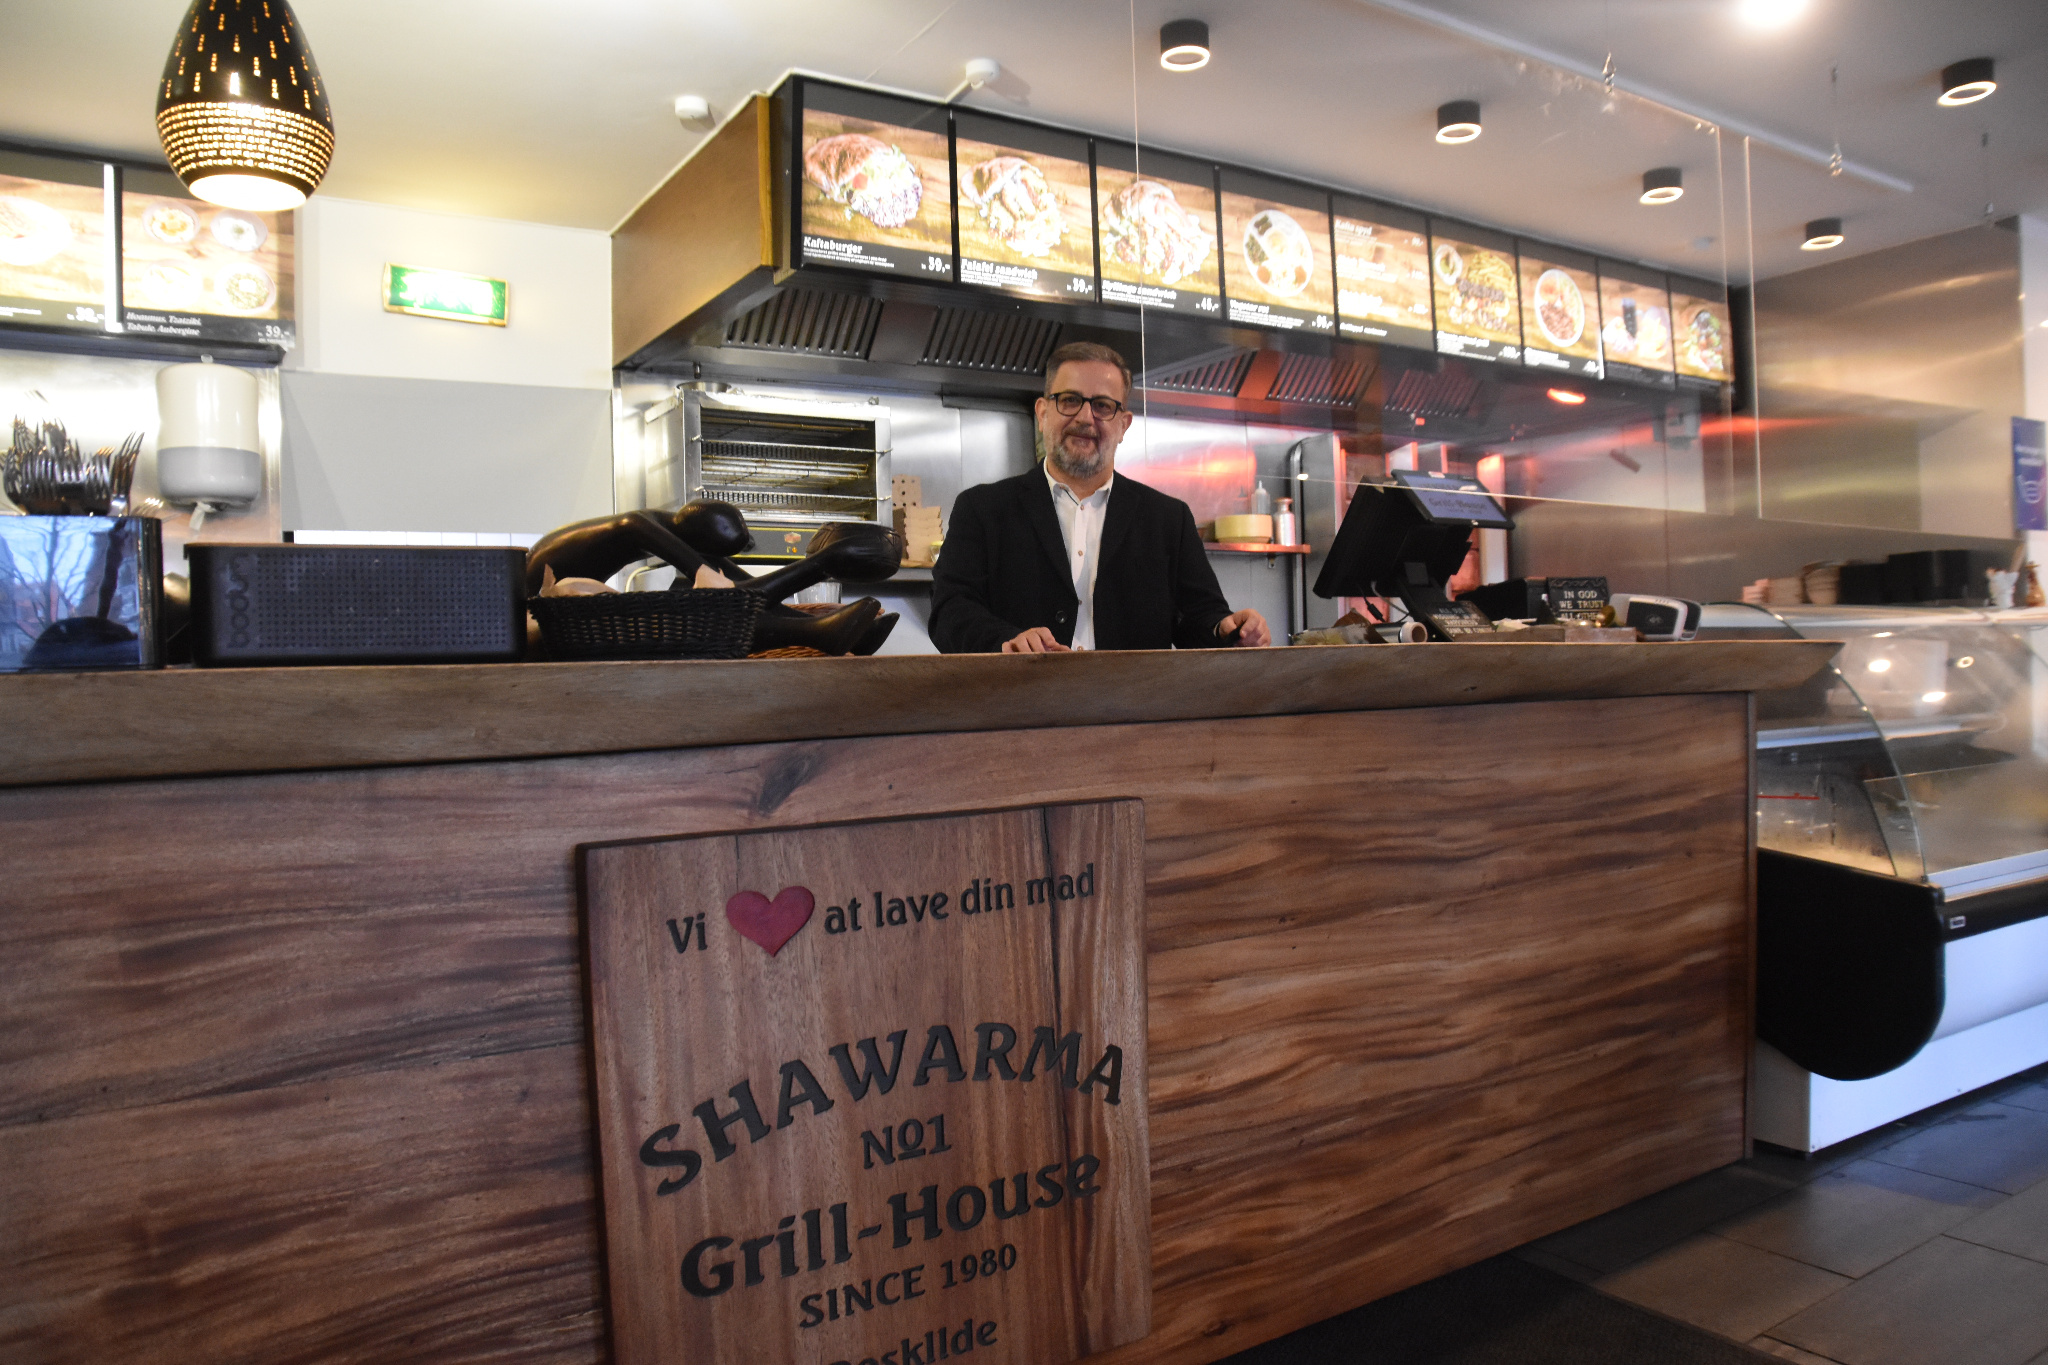 Få designet og indrettet din restaurant, dit kontor, din butik ALT er muligt.